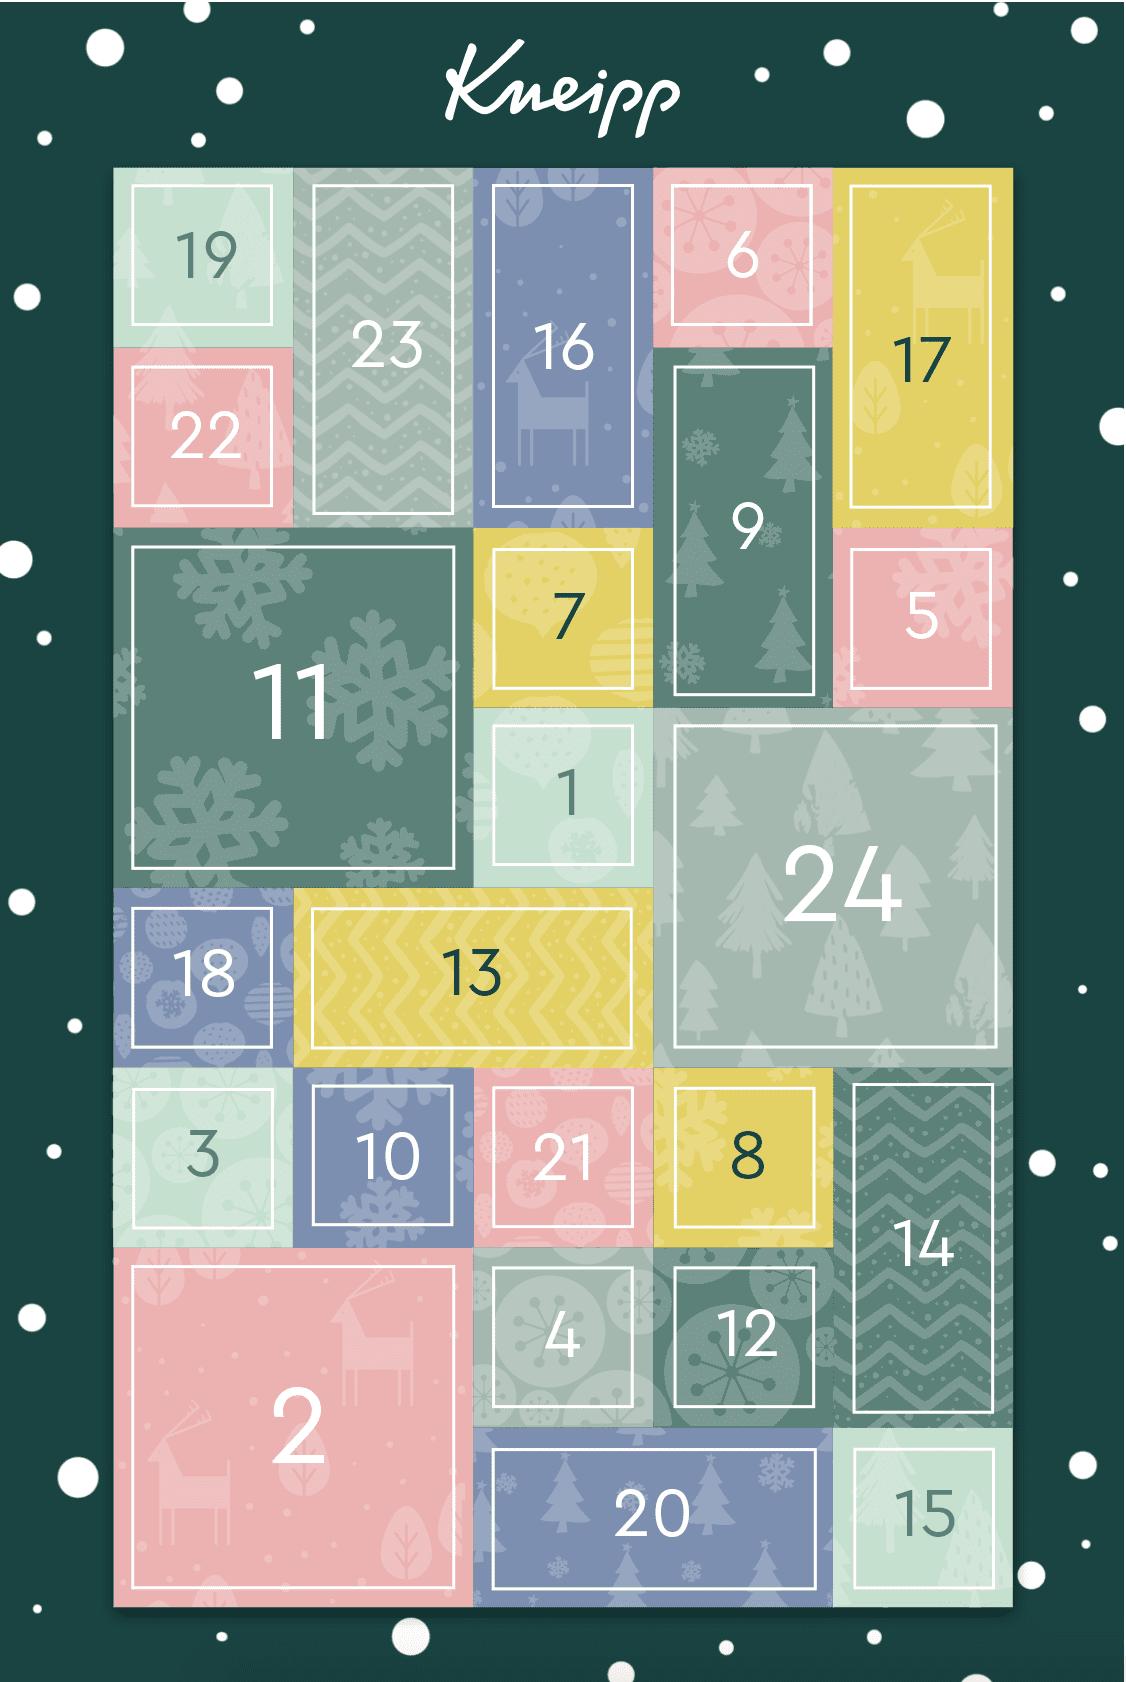 Kneipp Cases Adventskalender-Gewinnspiel